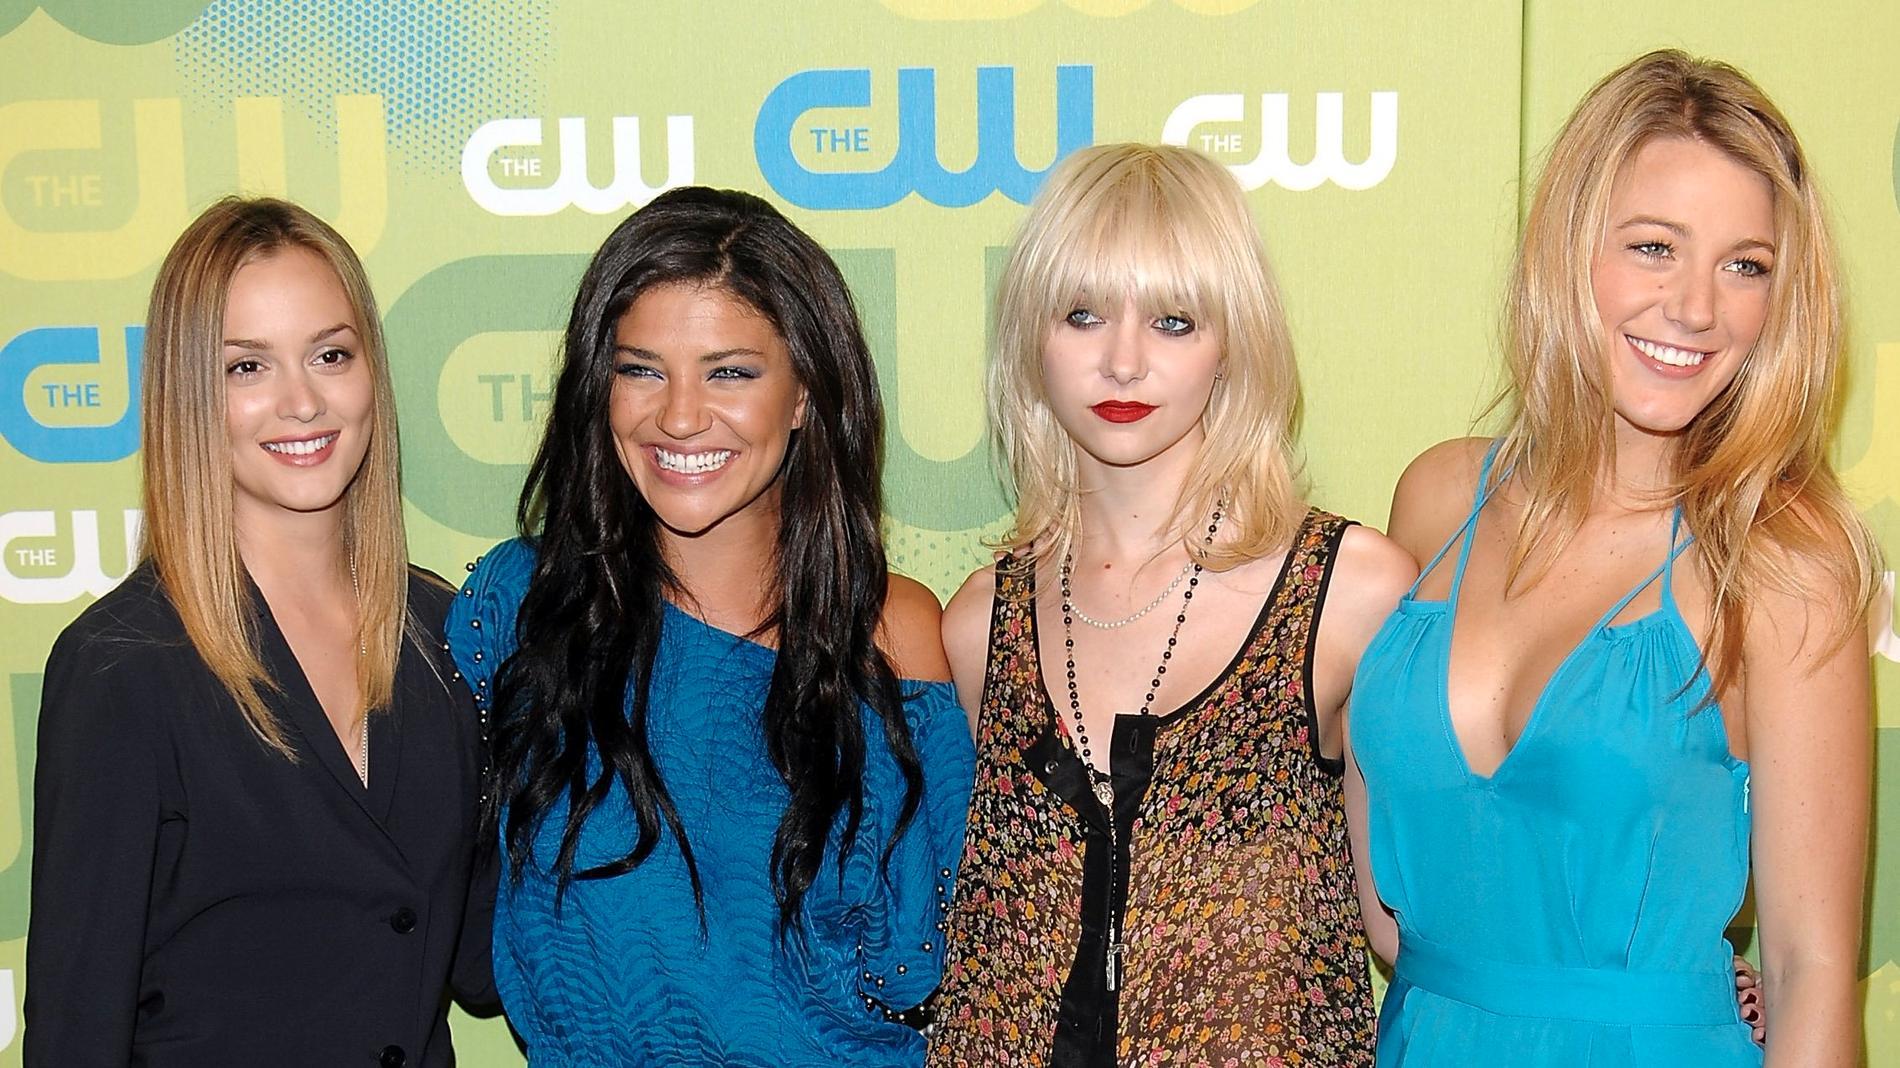 """Leighton Meester, Jessica Szohr, Taylor Momsen och Blake Lively får vara med om de vill när """"Gossip girl"""" återvänder. Arkivbild."""